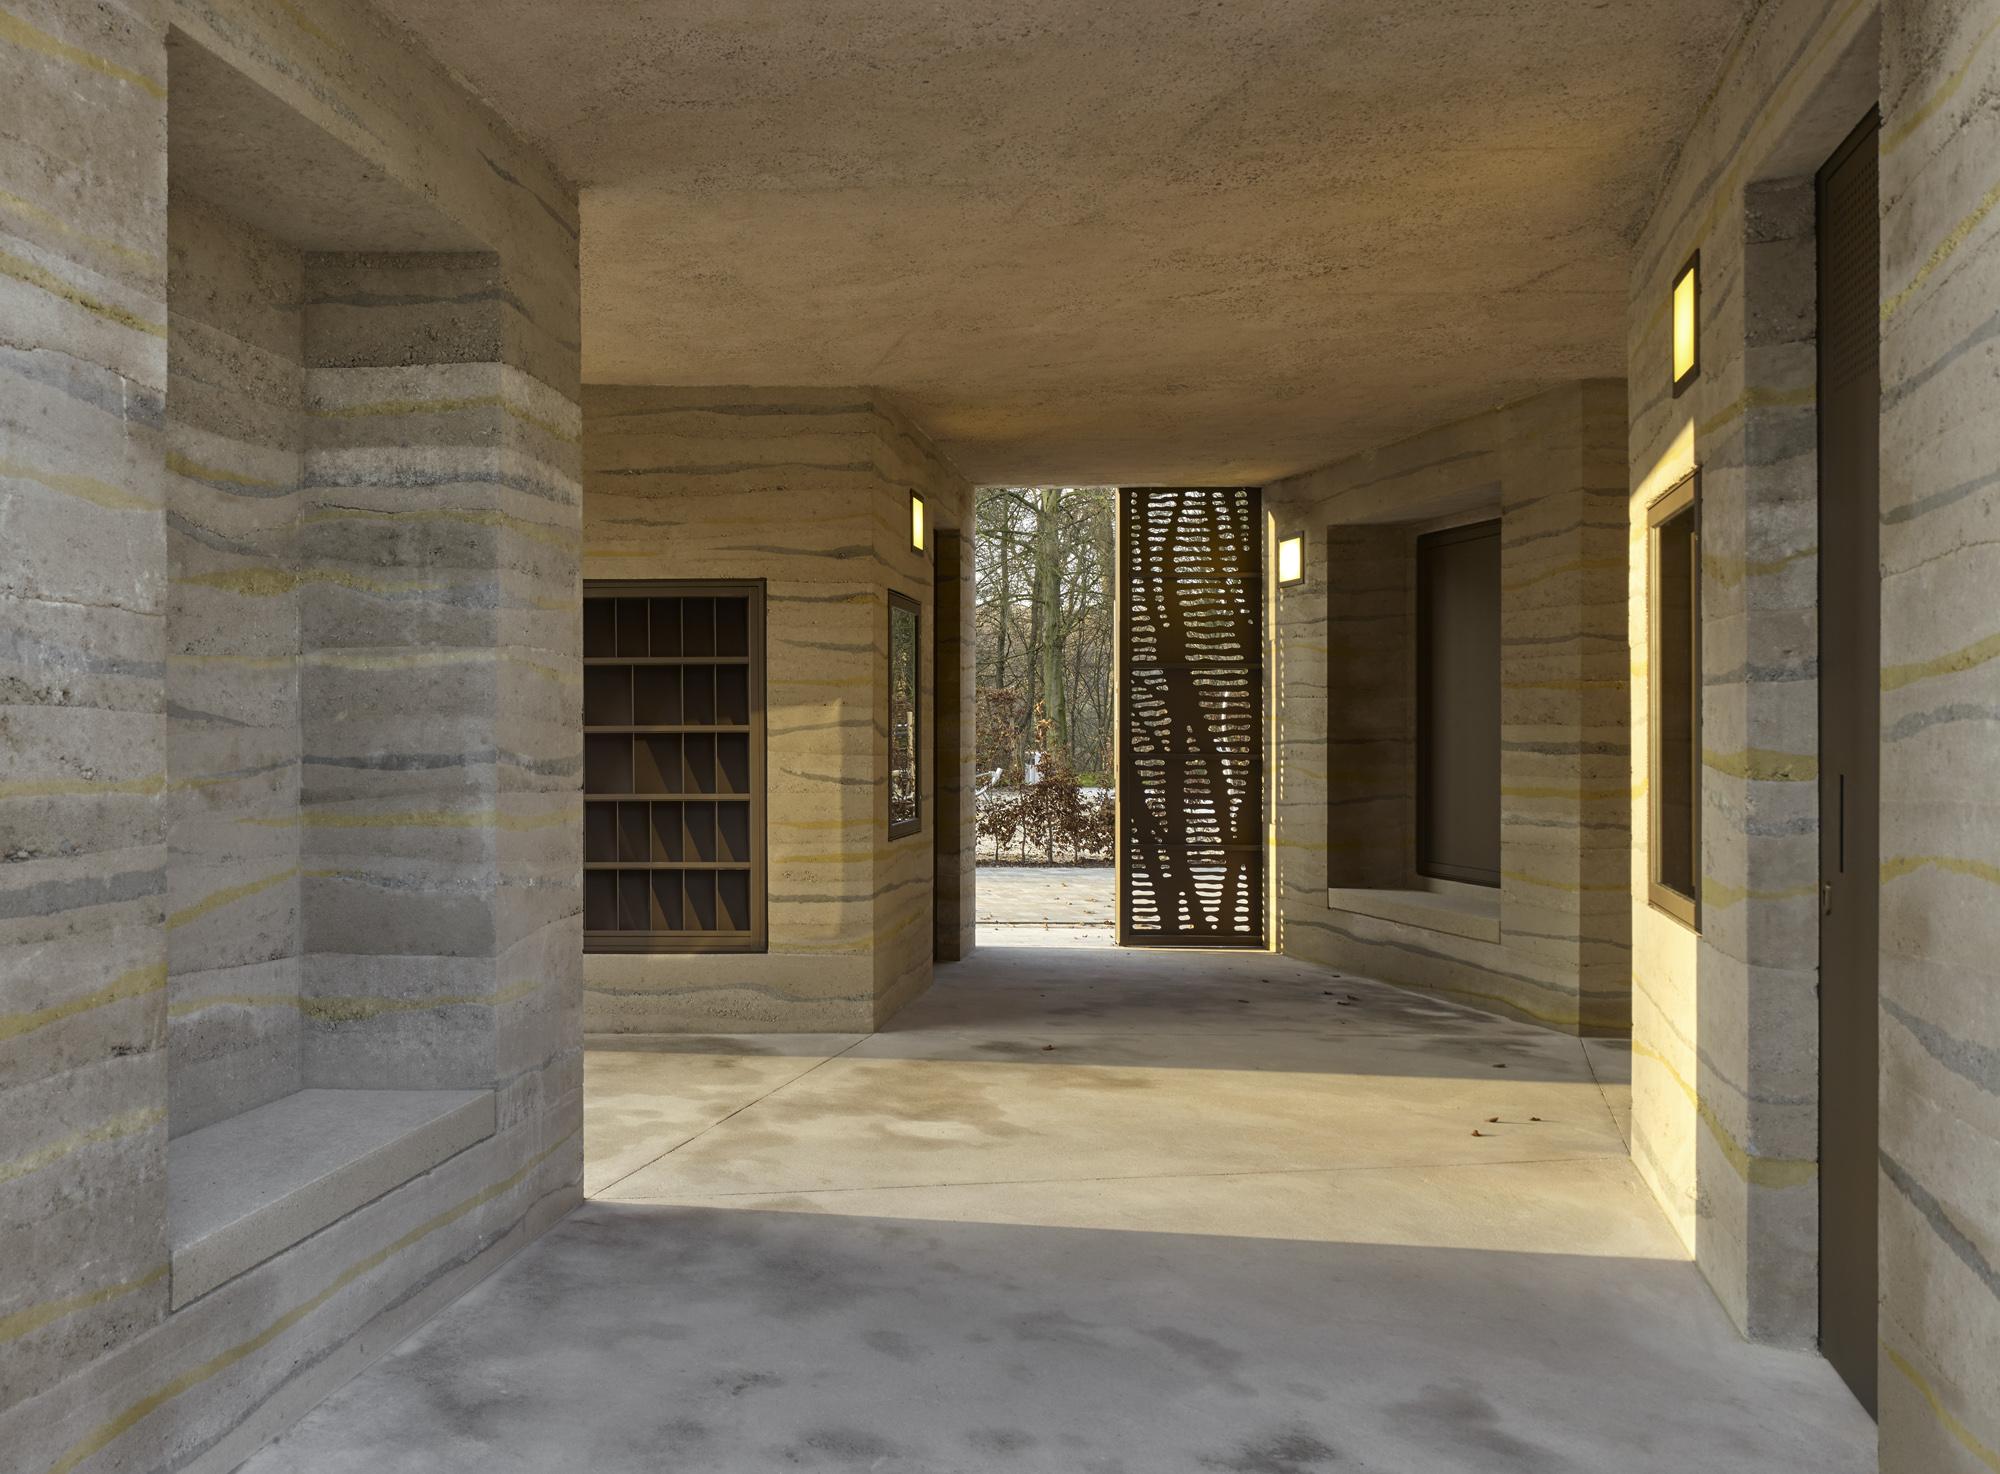 Johannisberg informatiegebouw door Max Dudler. Foto Stefan Muller